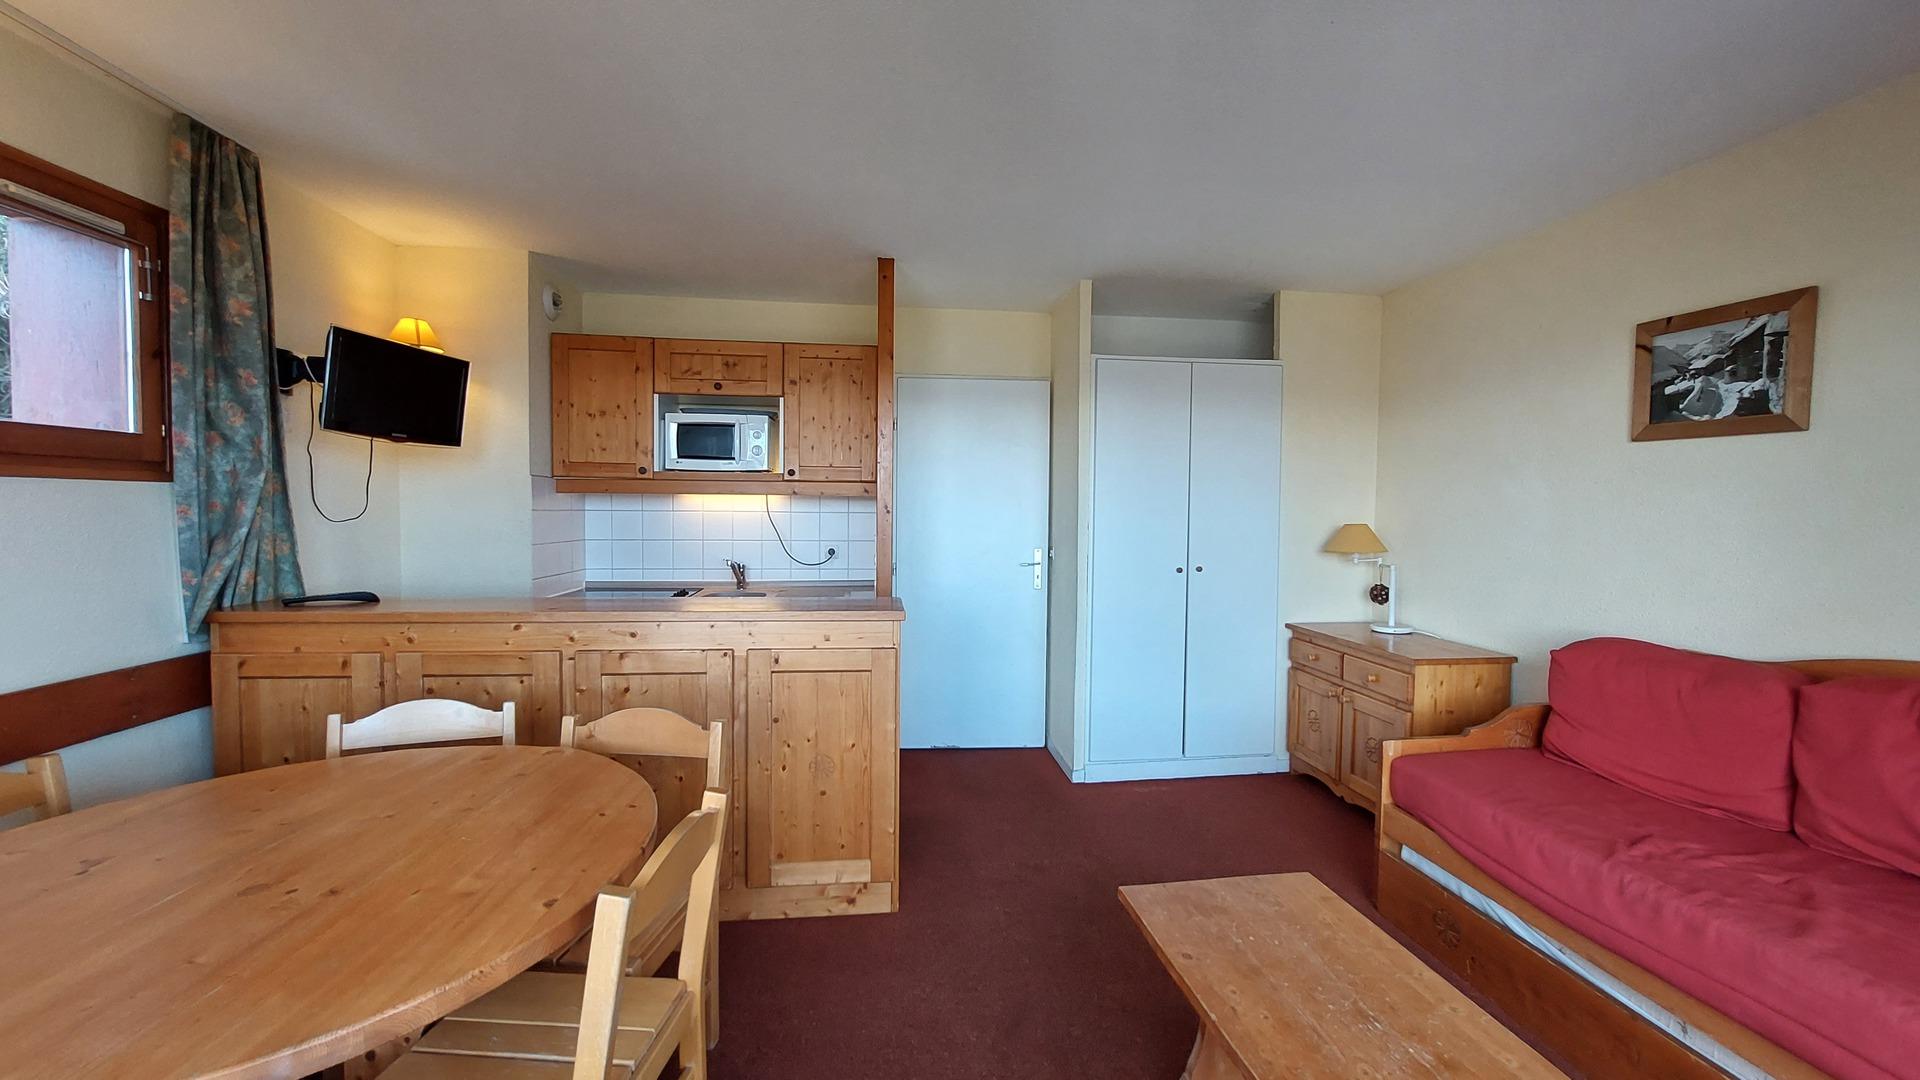 Appartement 3 pièces pour 6 personnes dans une...